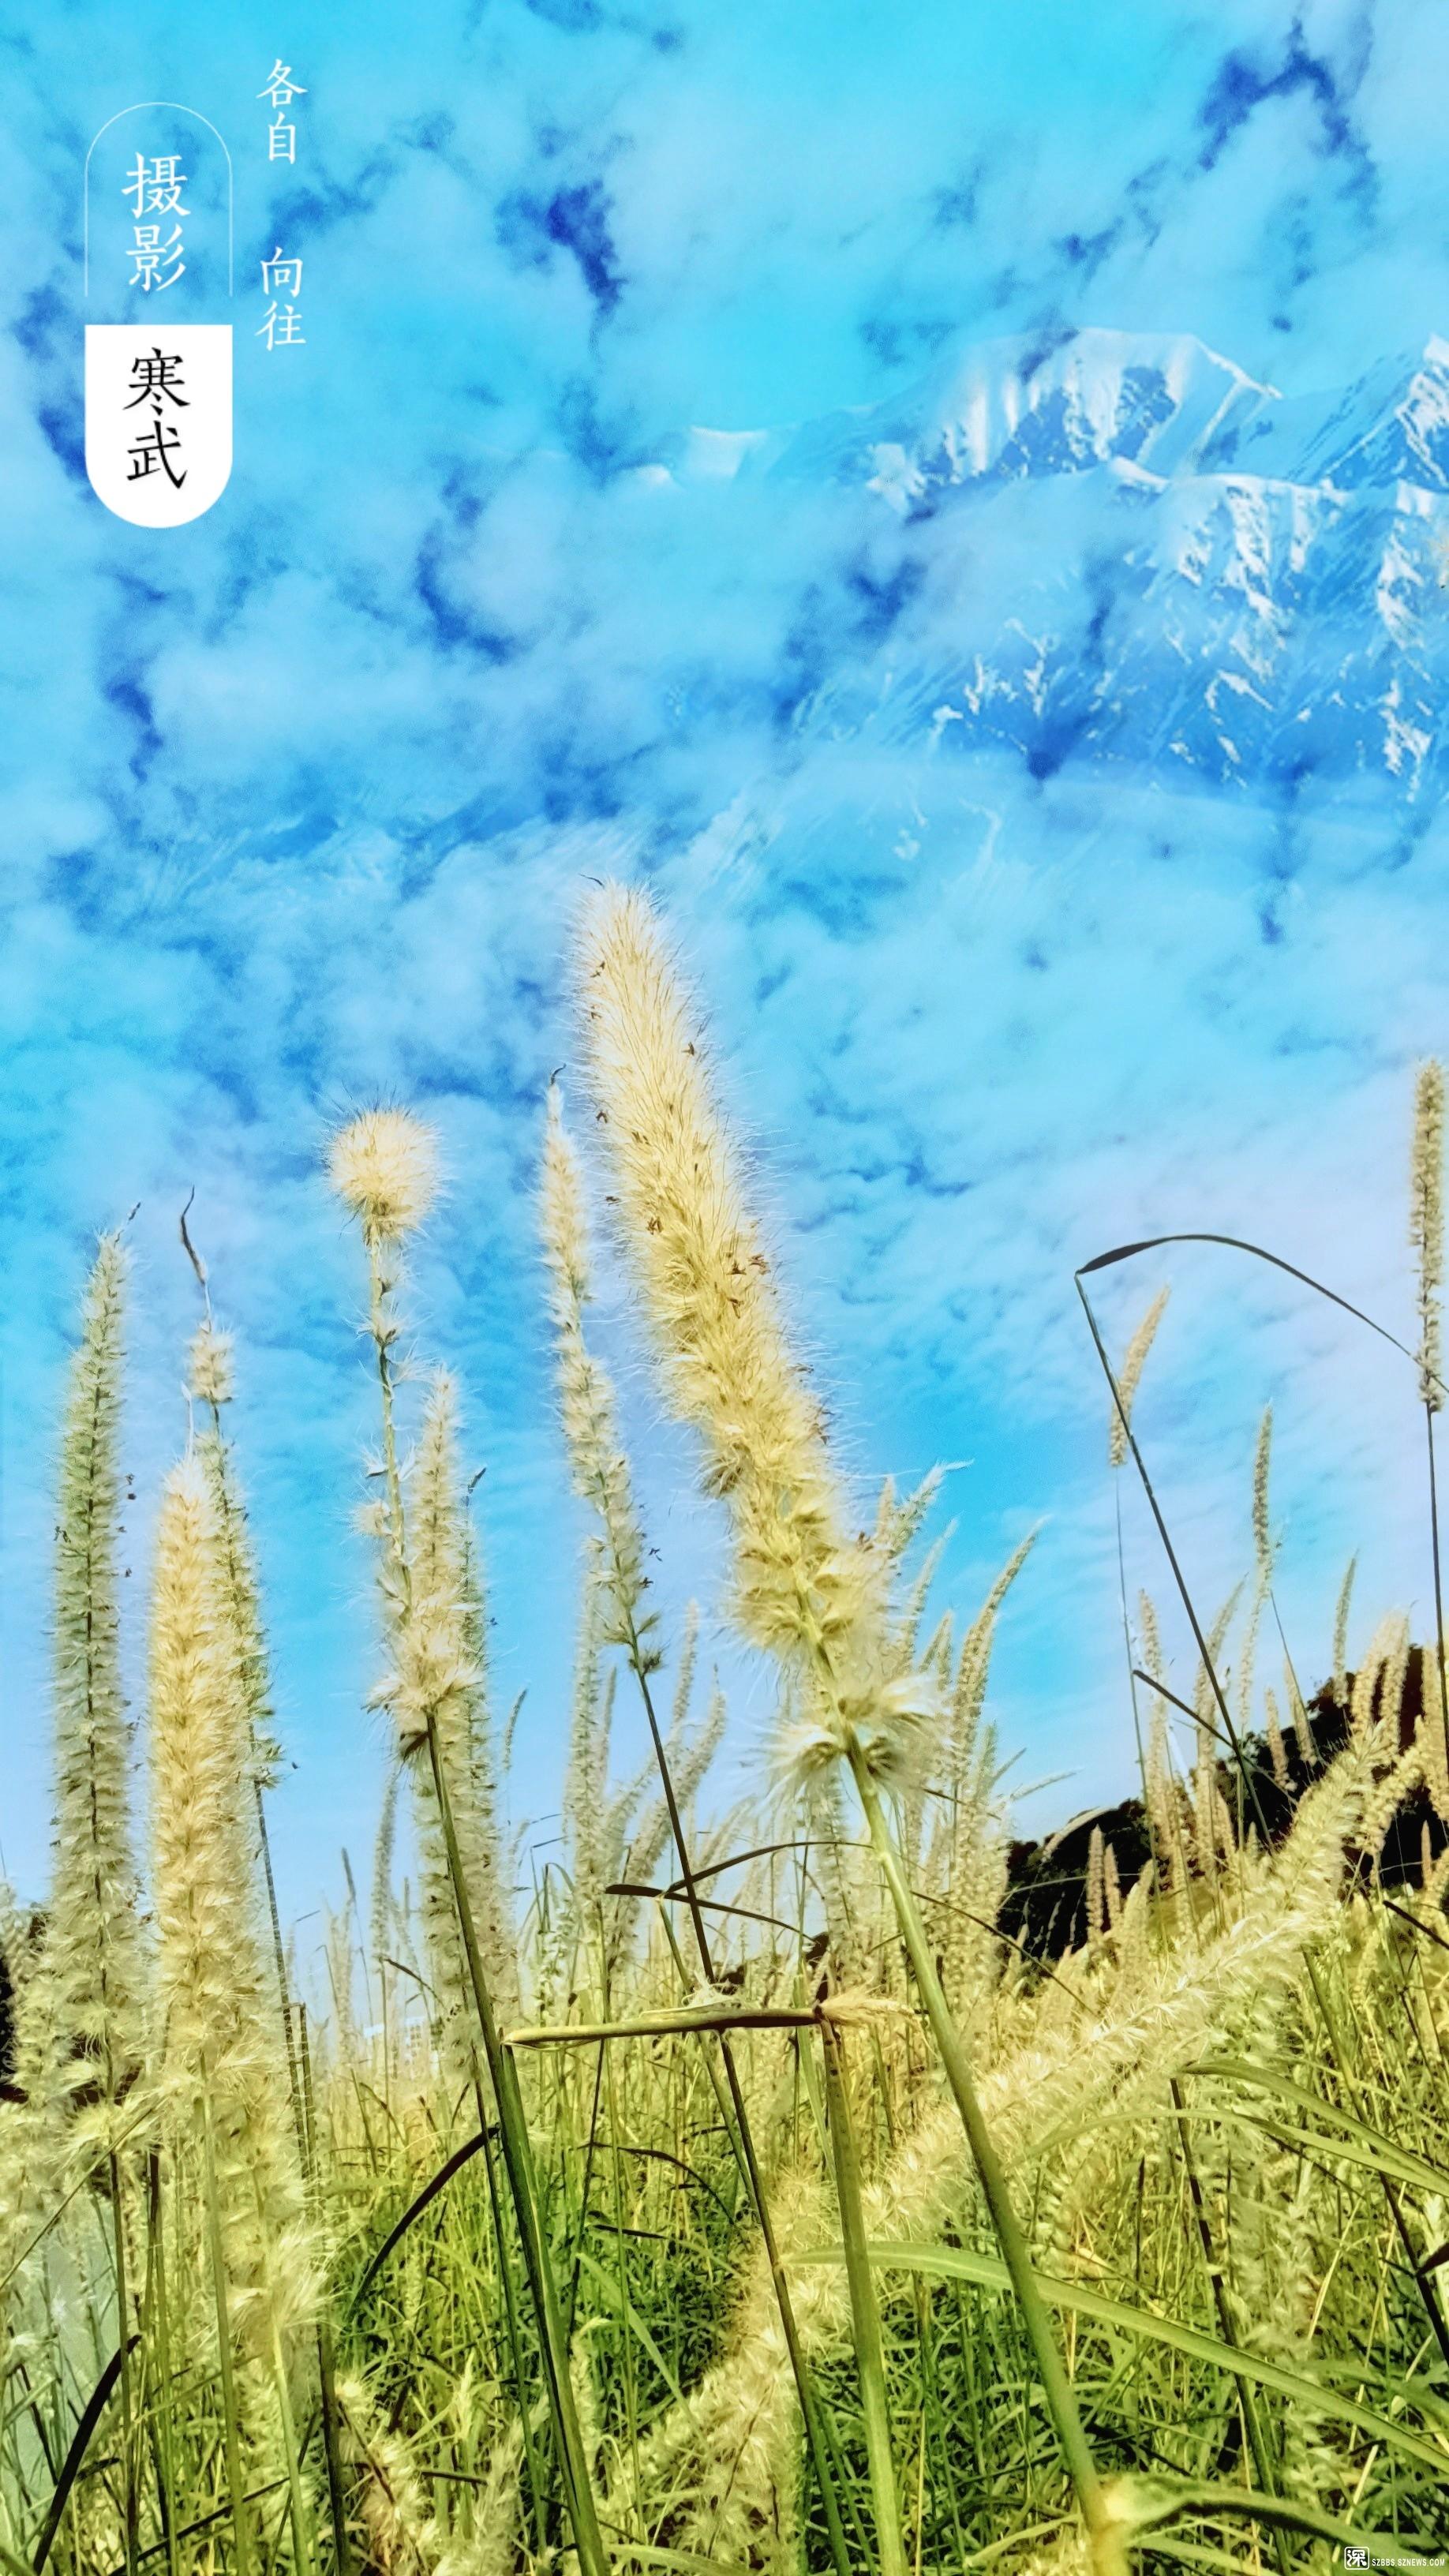 微信图片_20201114114552.jpg